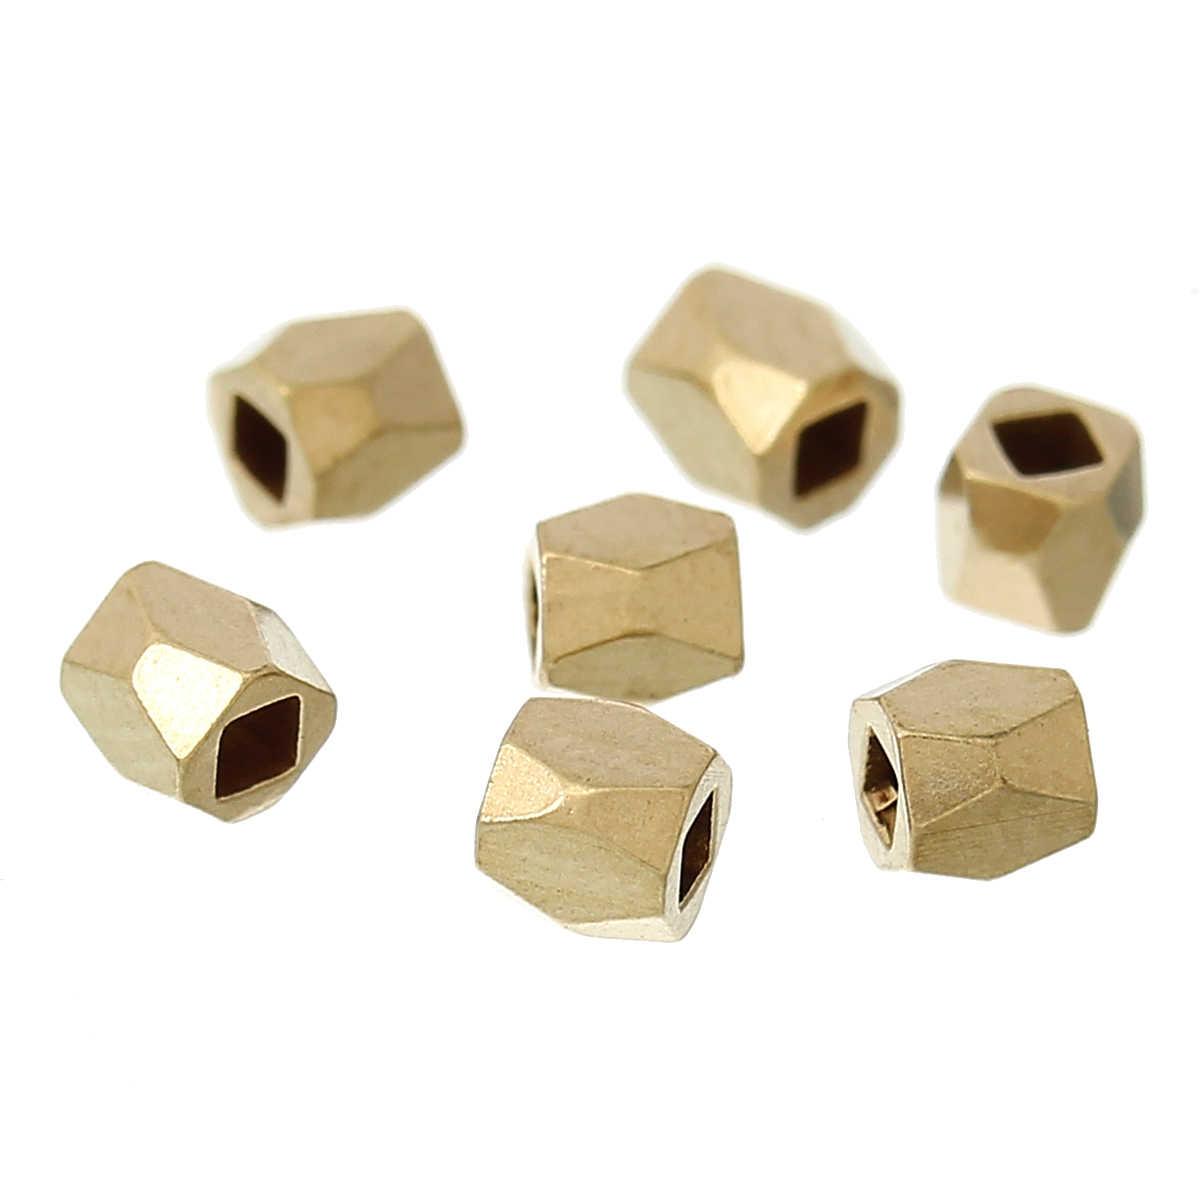 """Медные бусины-спейсеры полигон светло-золотой граненый около 2 мм (1/8 """") x 2 мм (1/8""""), отверстие: около 1,2 мм, 20 шт"""